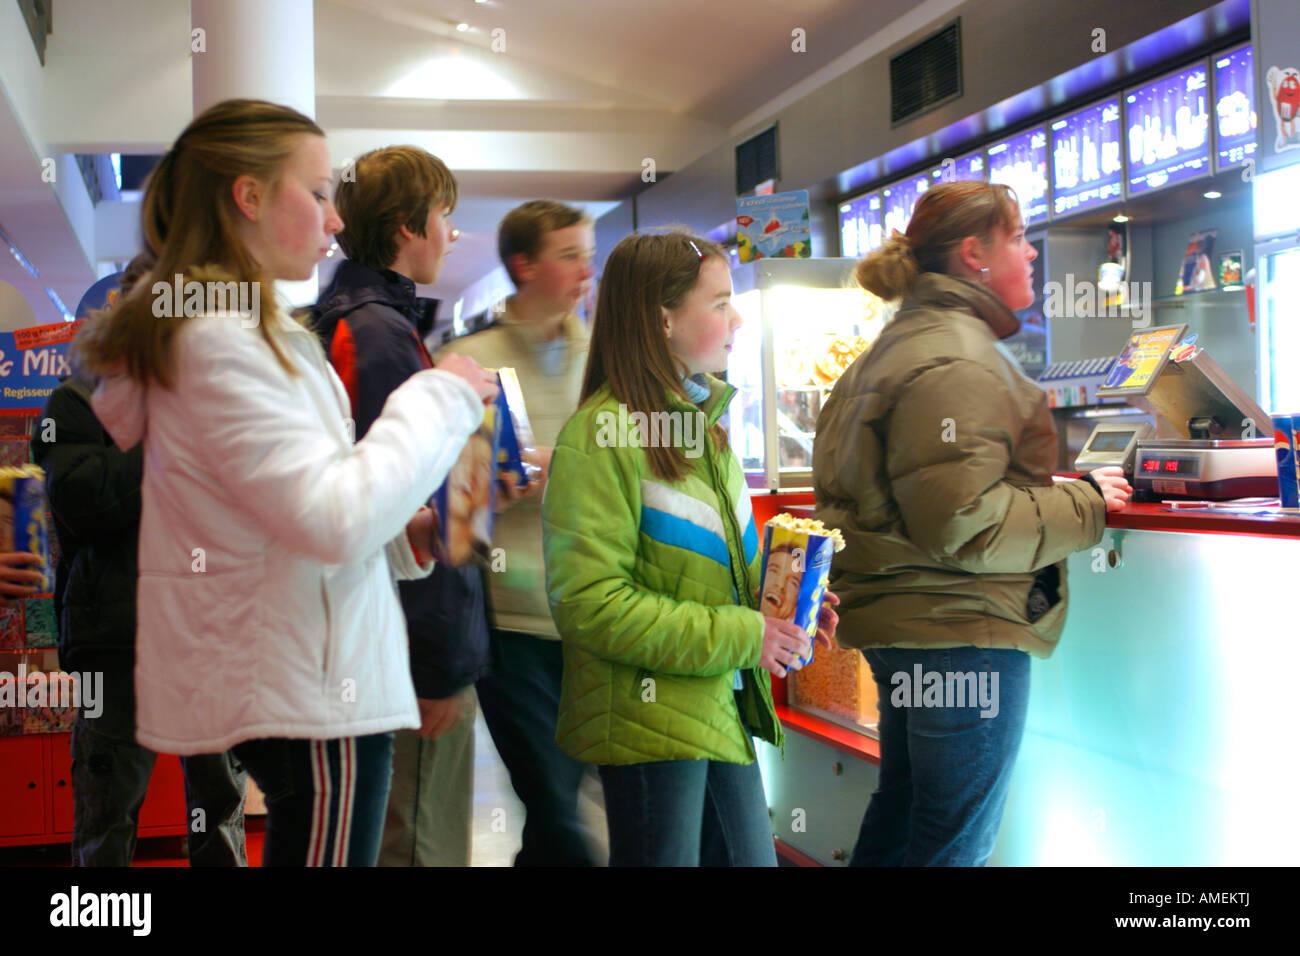 Les adolescents la queue pour obtenir des bonbons à un cinéma avant que le film commence Photo Stock